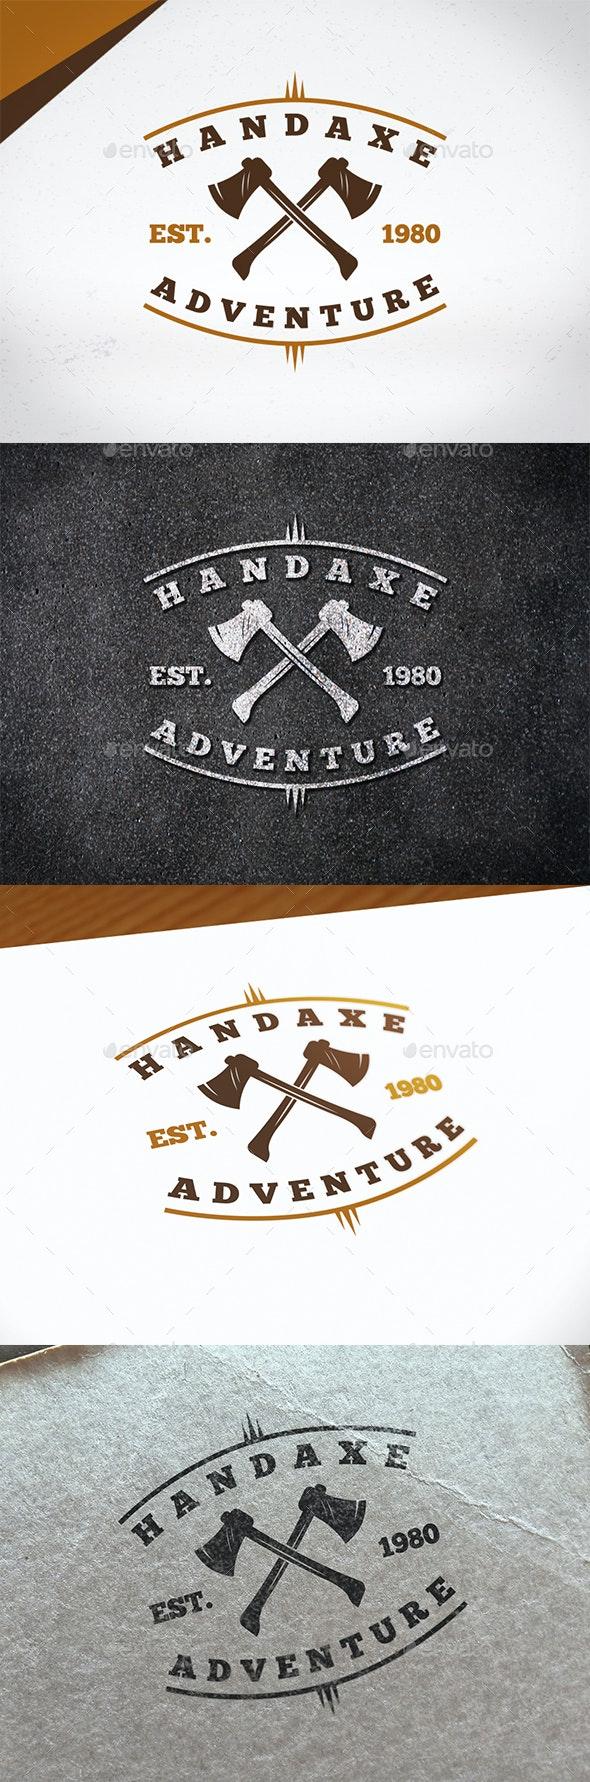 Hand Axe Logo Template - Crests Logo Templates